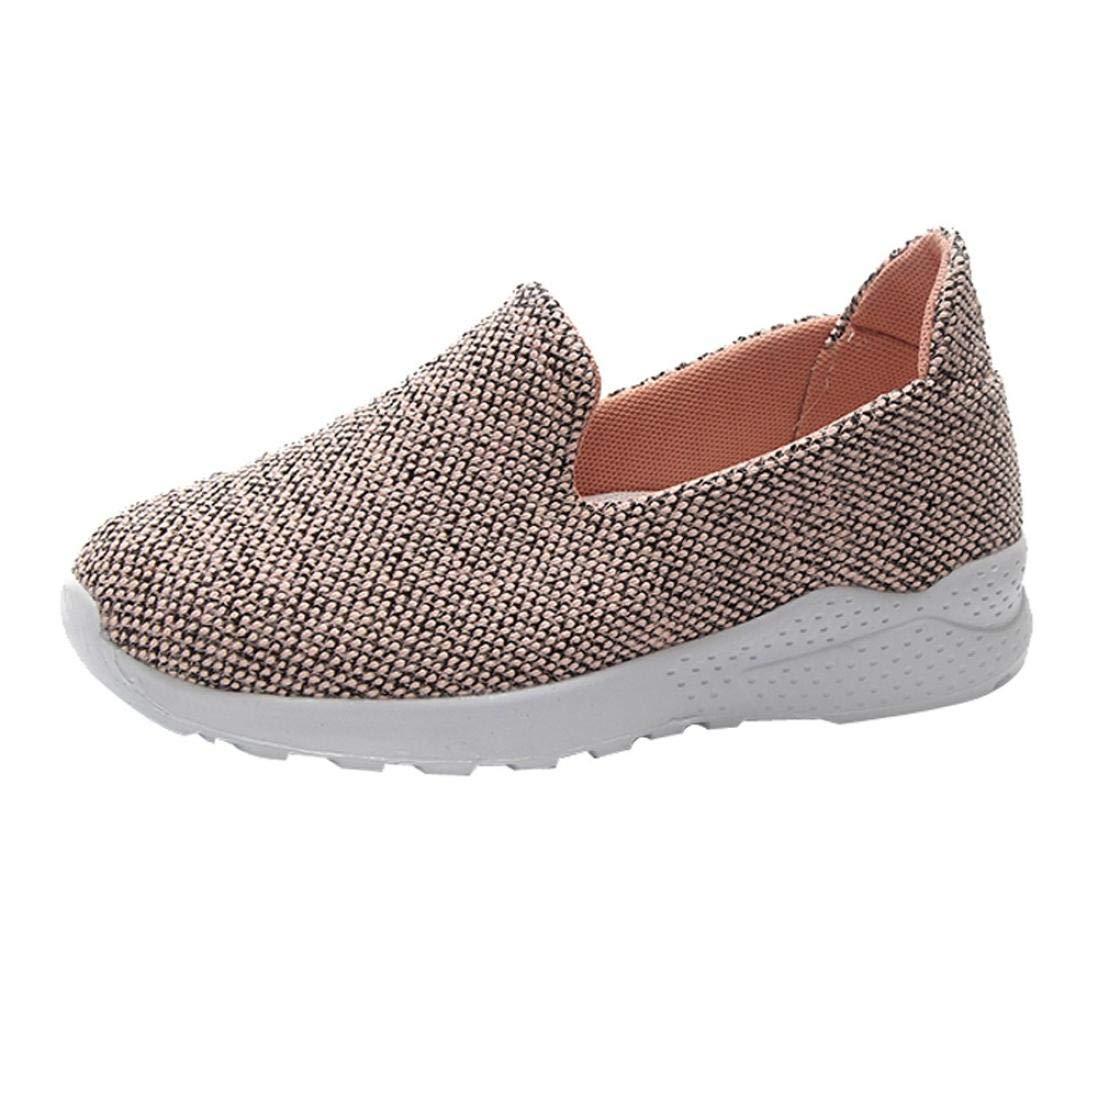 Women Shoes HEHEM Women's Canvas Shoes Flat Shoes Casual Non-Slip Shoes Rocking Shoes Buy Formal Shoes Designer Shoes Shoes Athletic Shoes Online 123